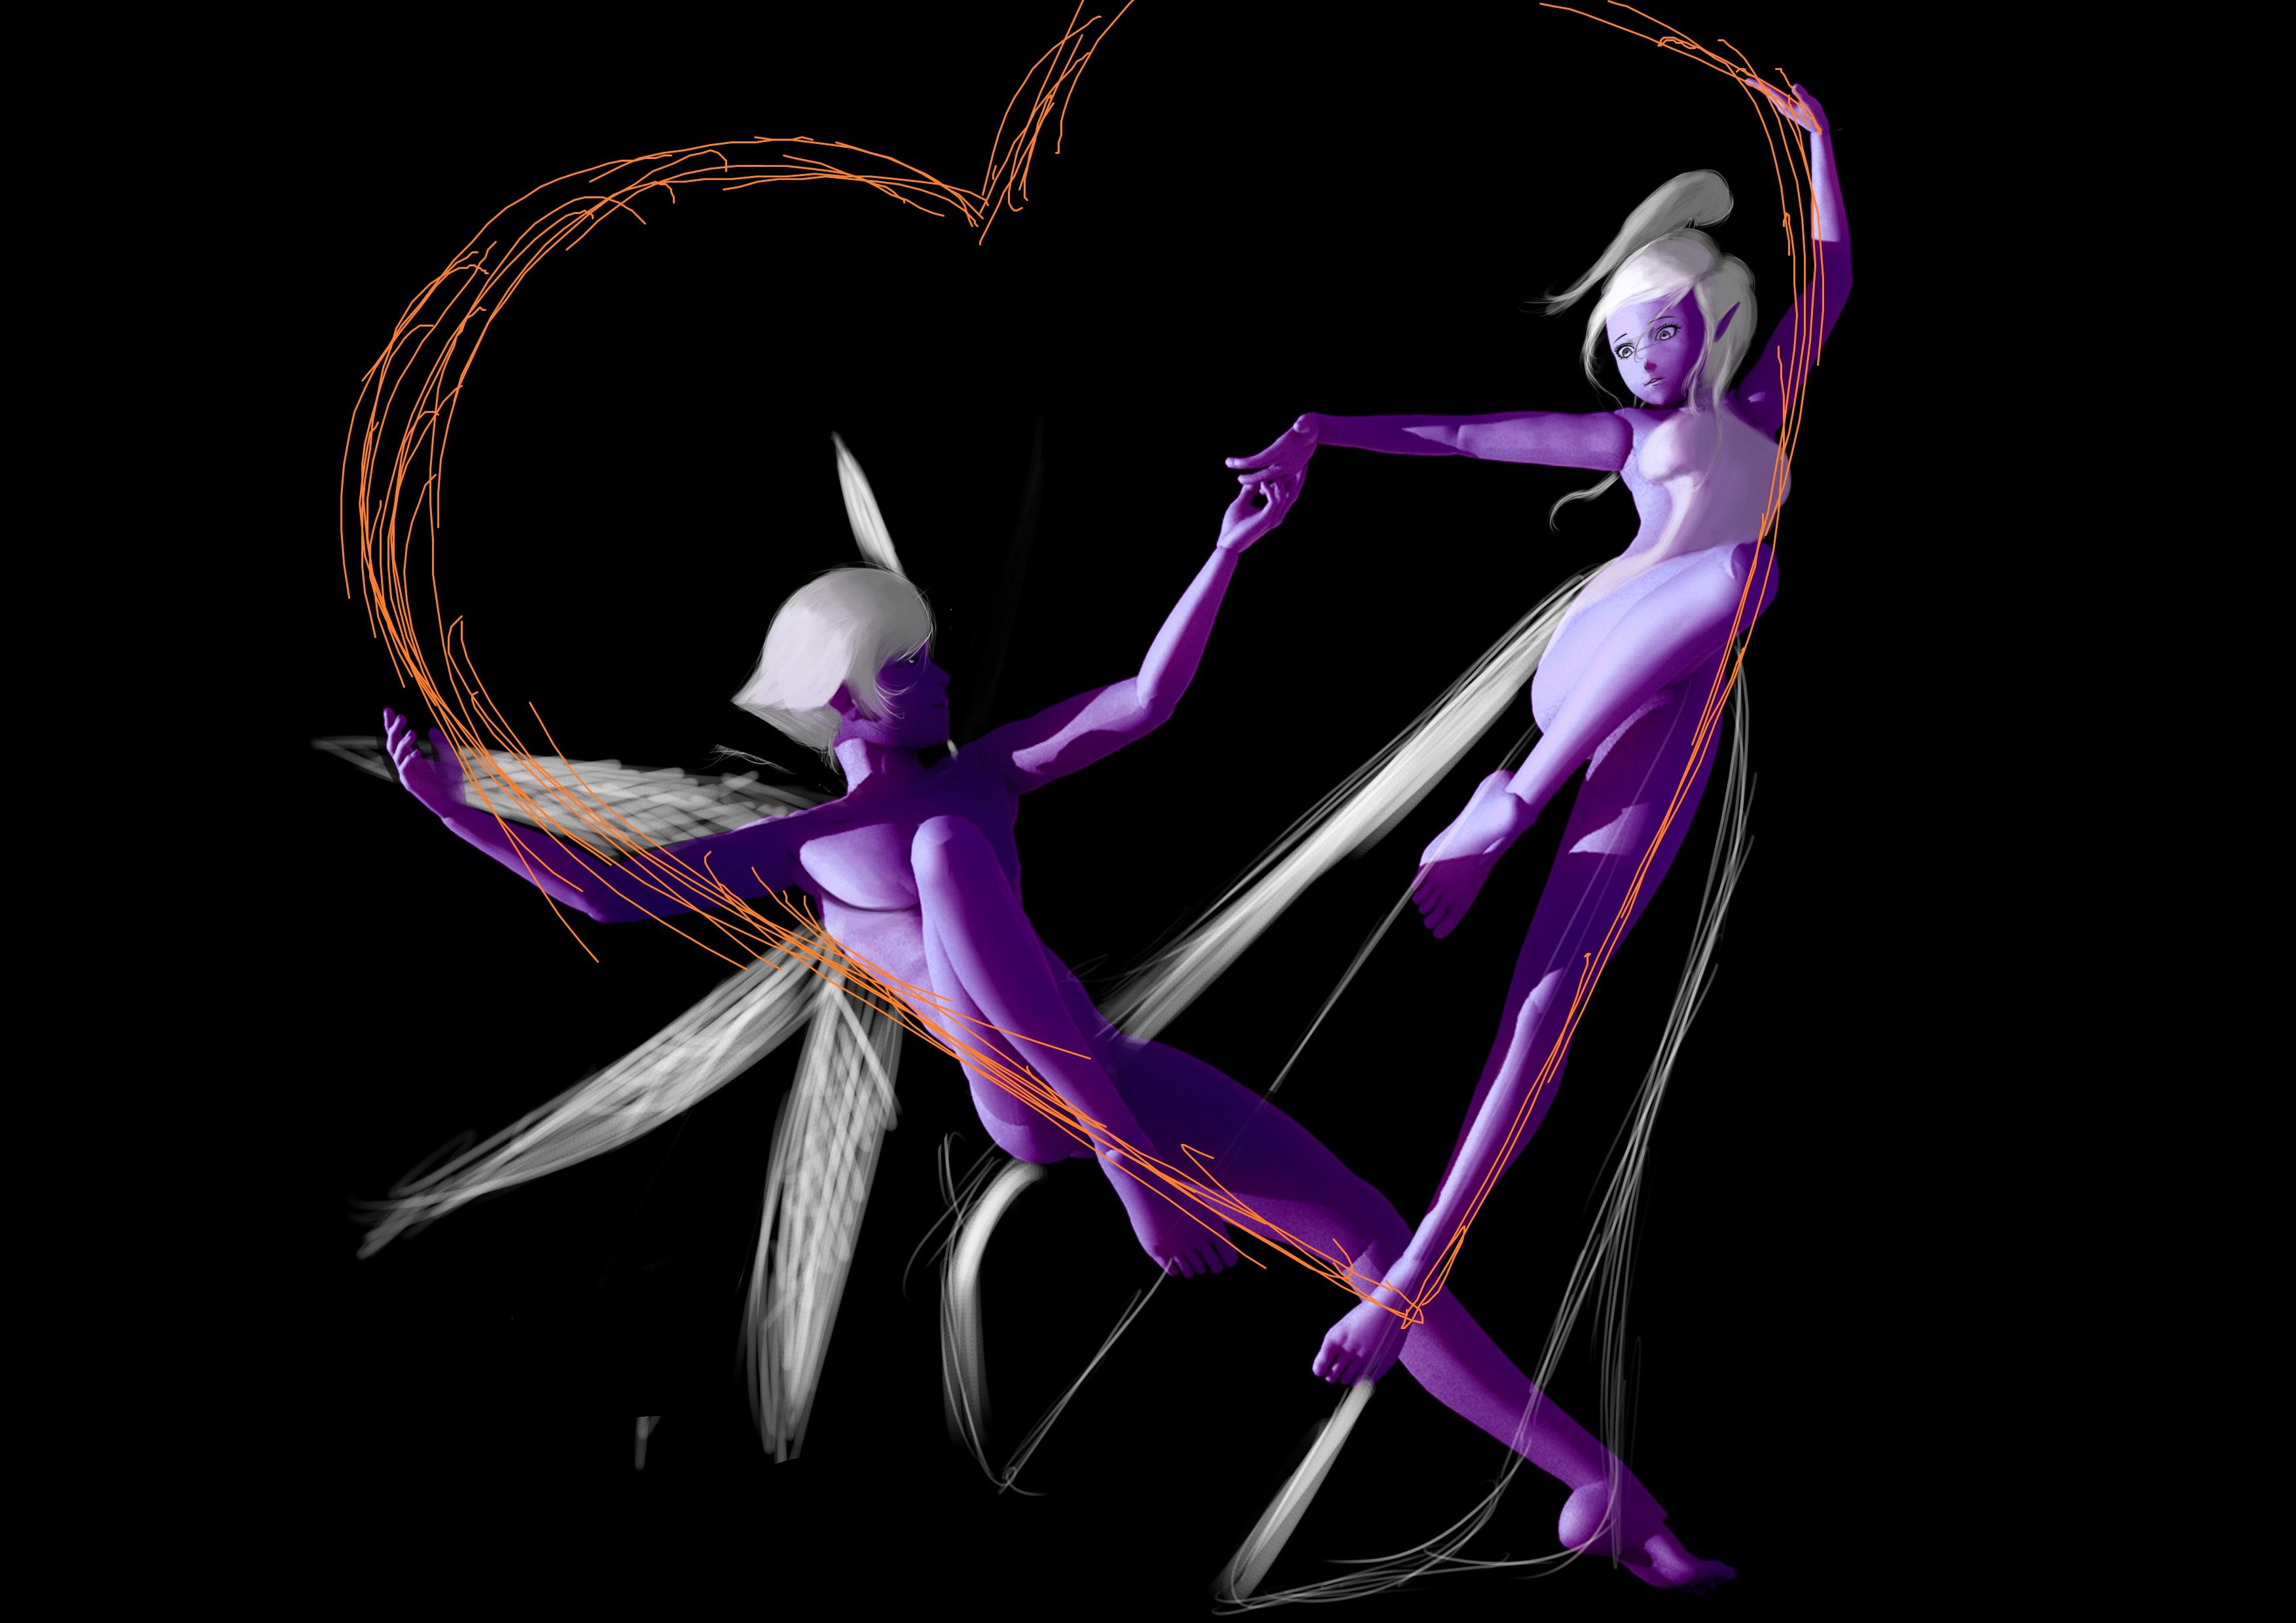 Dance of the fireflies.jpg